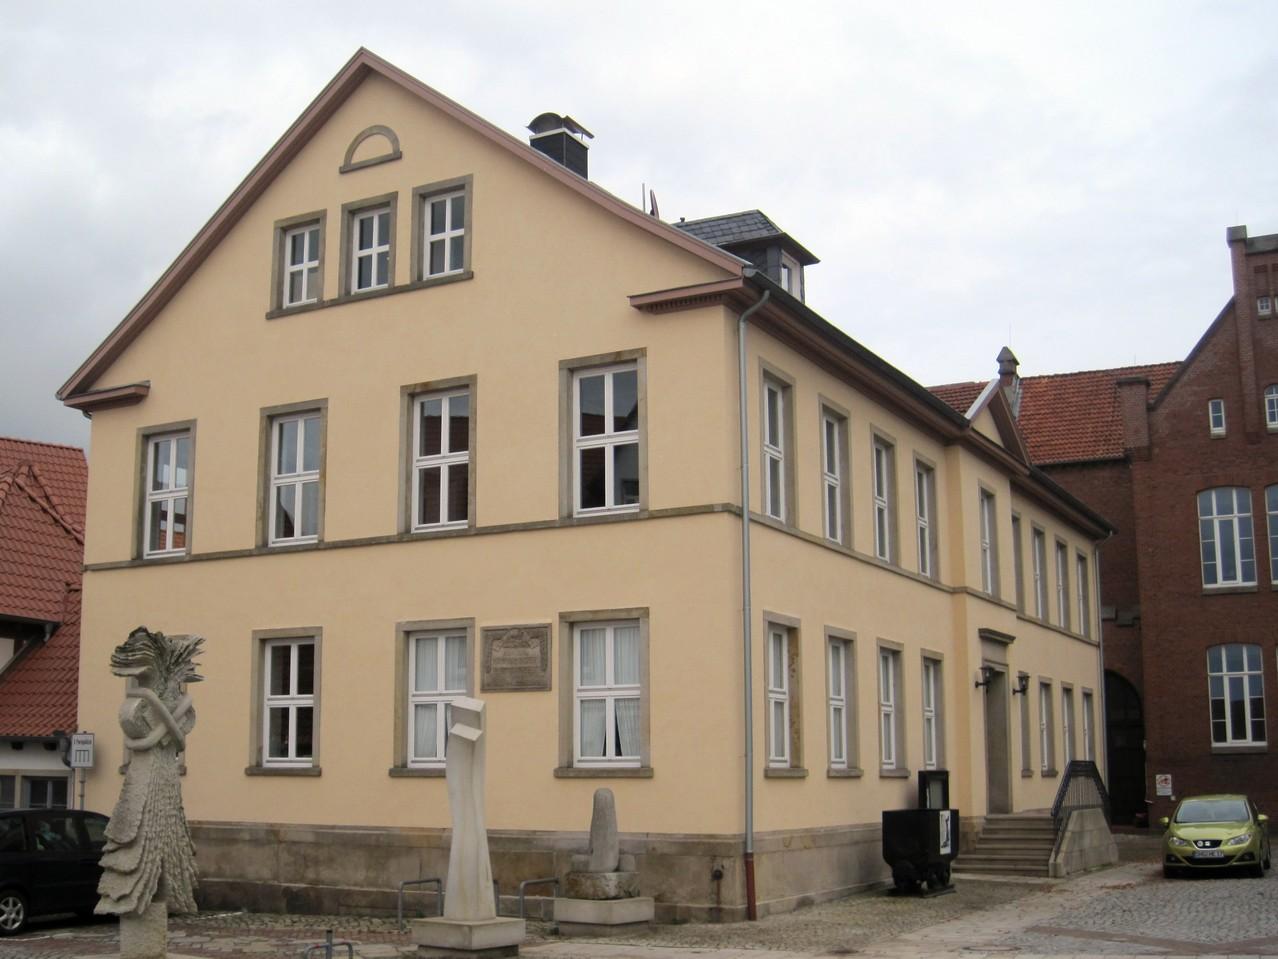 Bergbau- und Stadtmuseum Obernkirchen